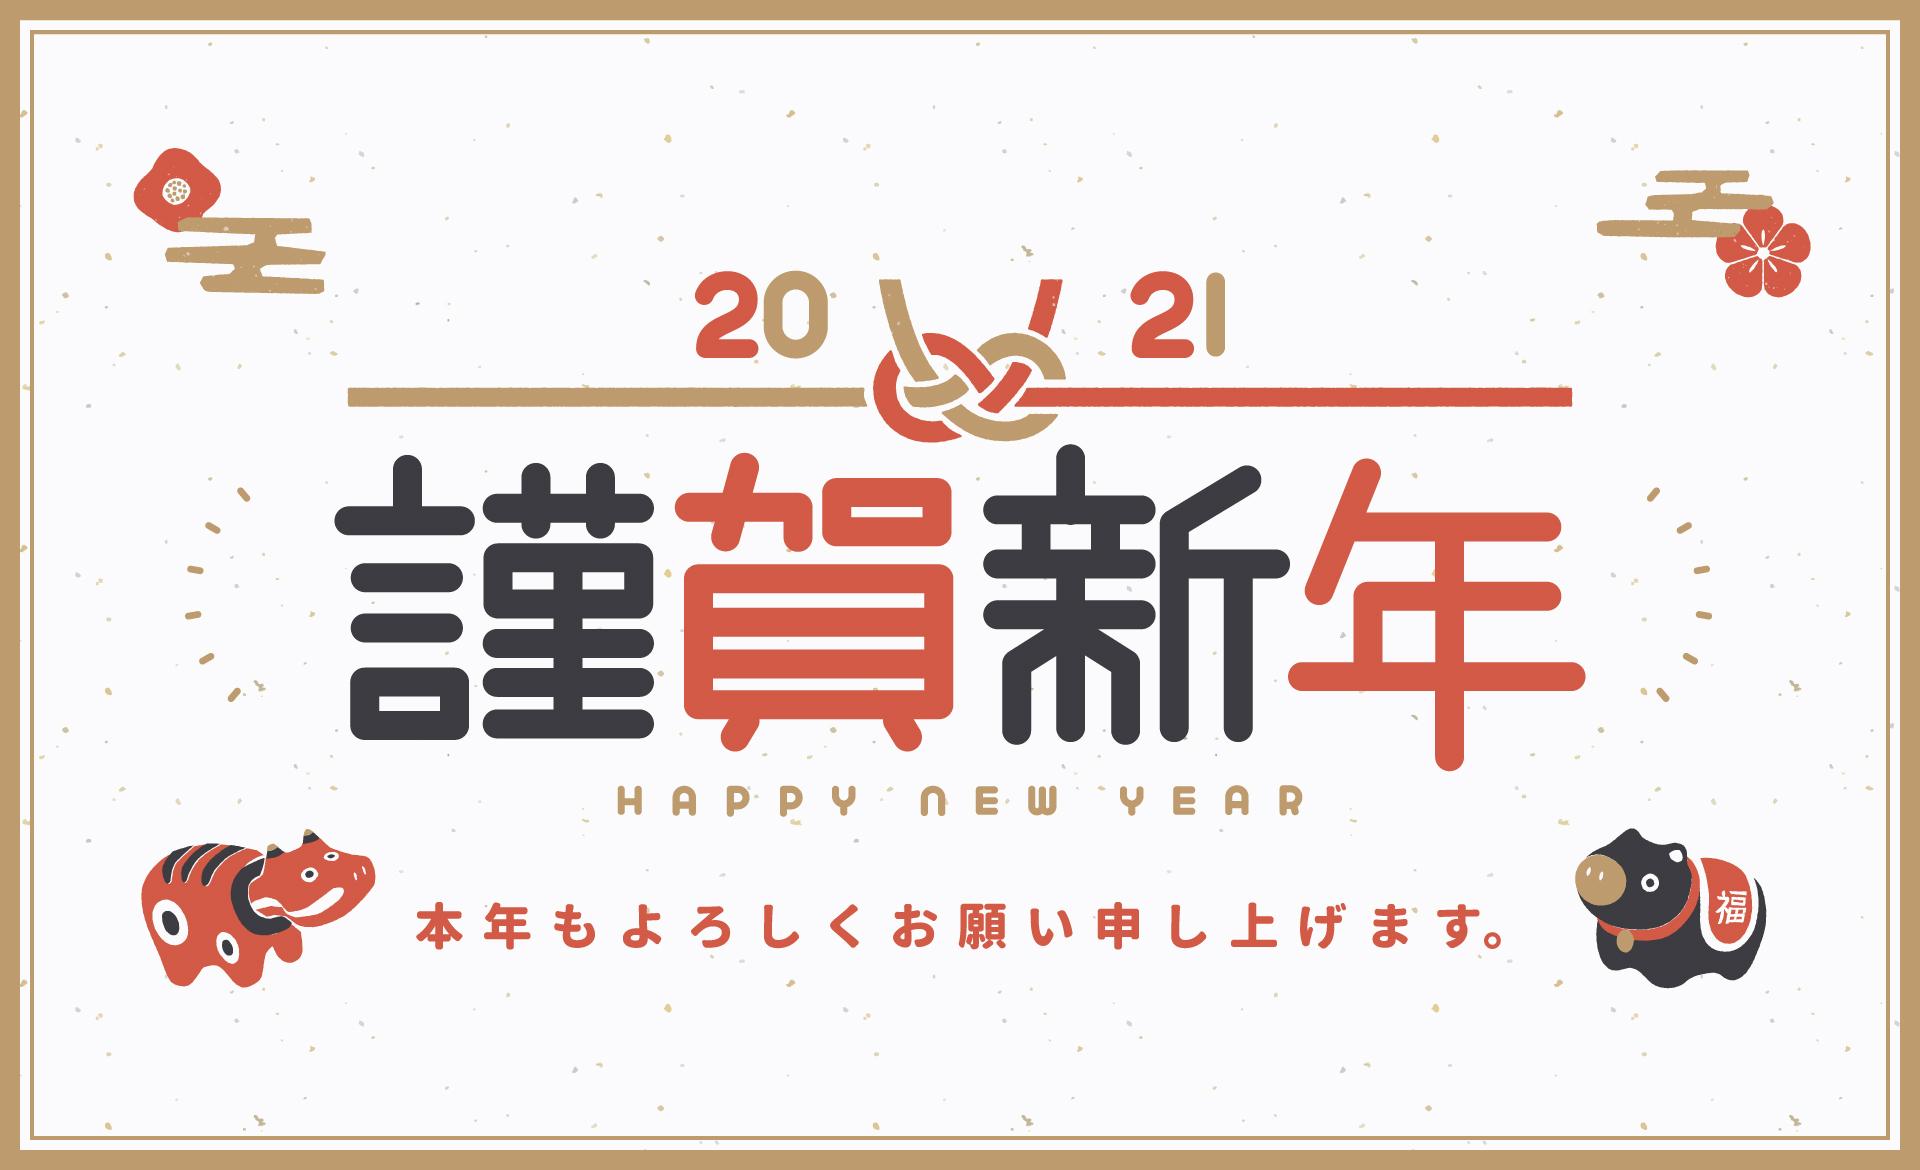 謹んで新年のご挨拶を申し上げます